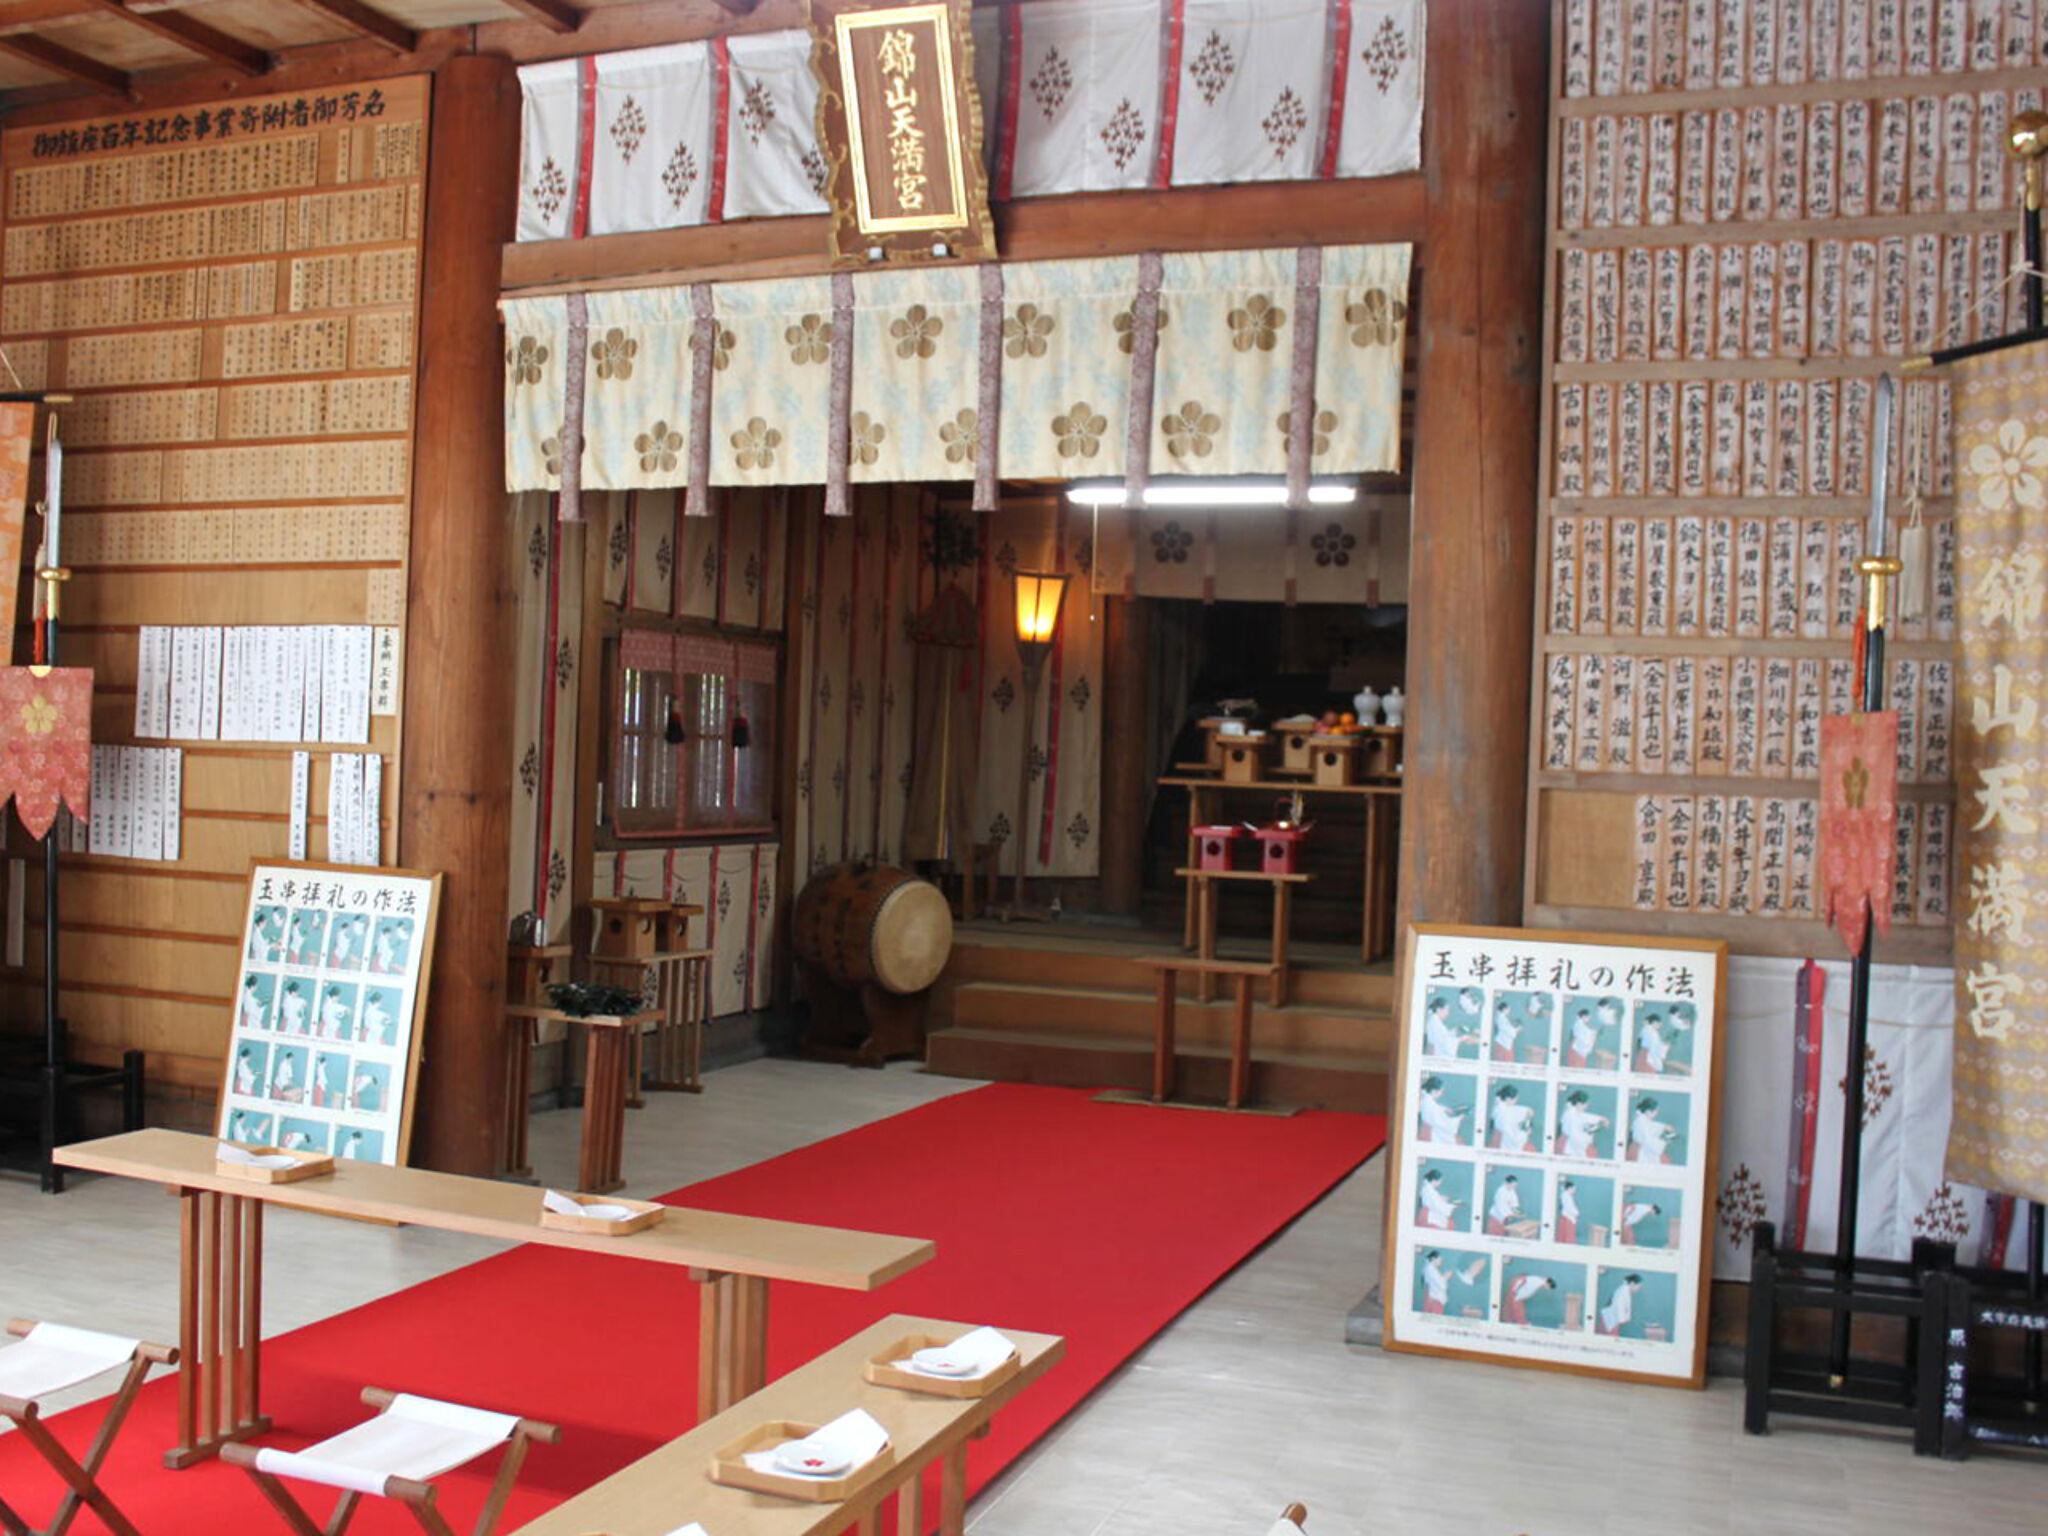 錦山天満宮の社殿内の画像